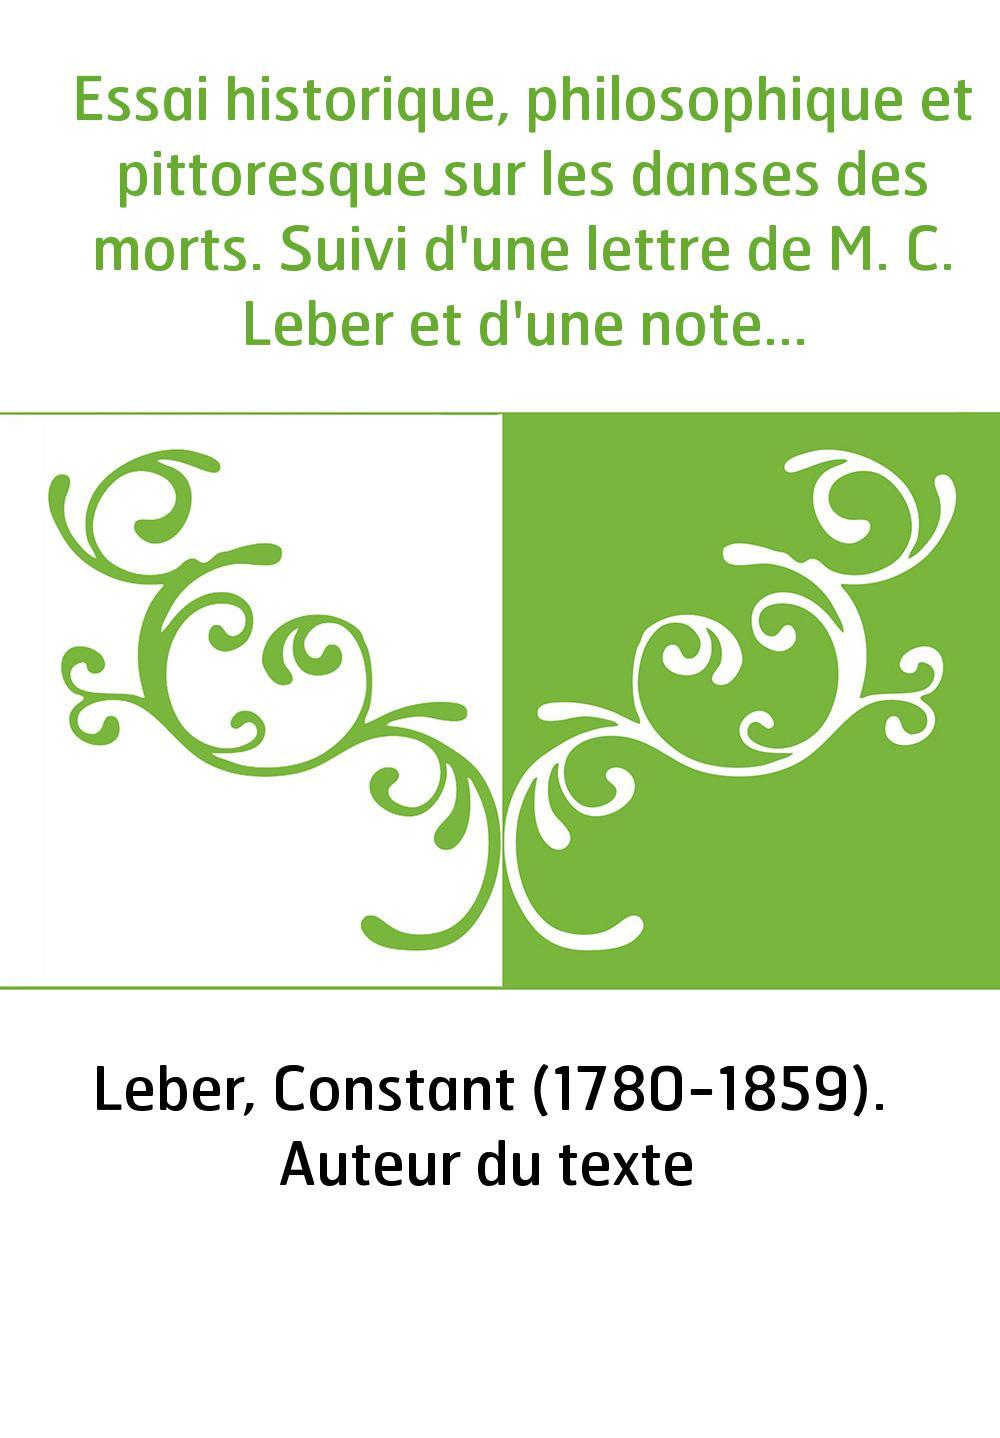 Essai historique, philosophique et pittoresque sur les danses des morts. Suivi d'une lettre de M. C. Leber et d'une note de M. D